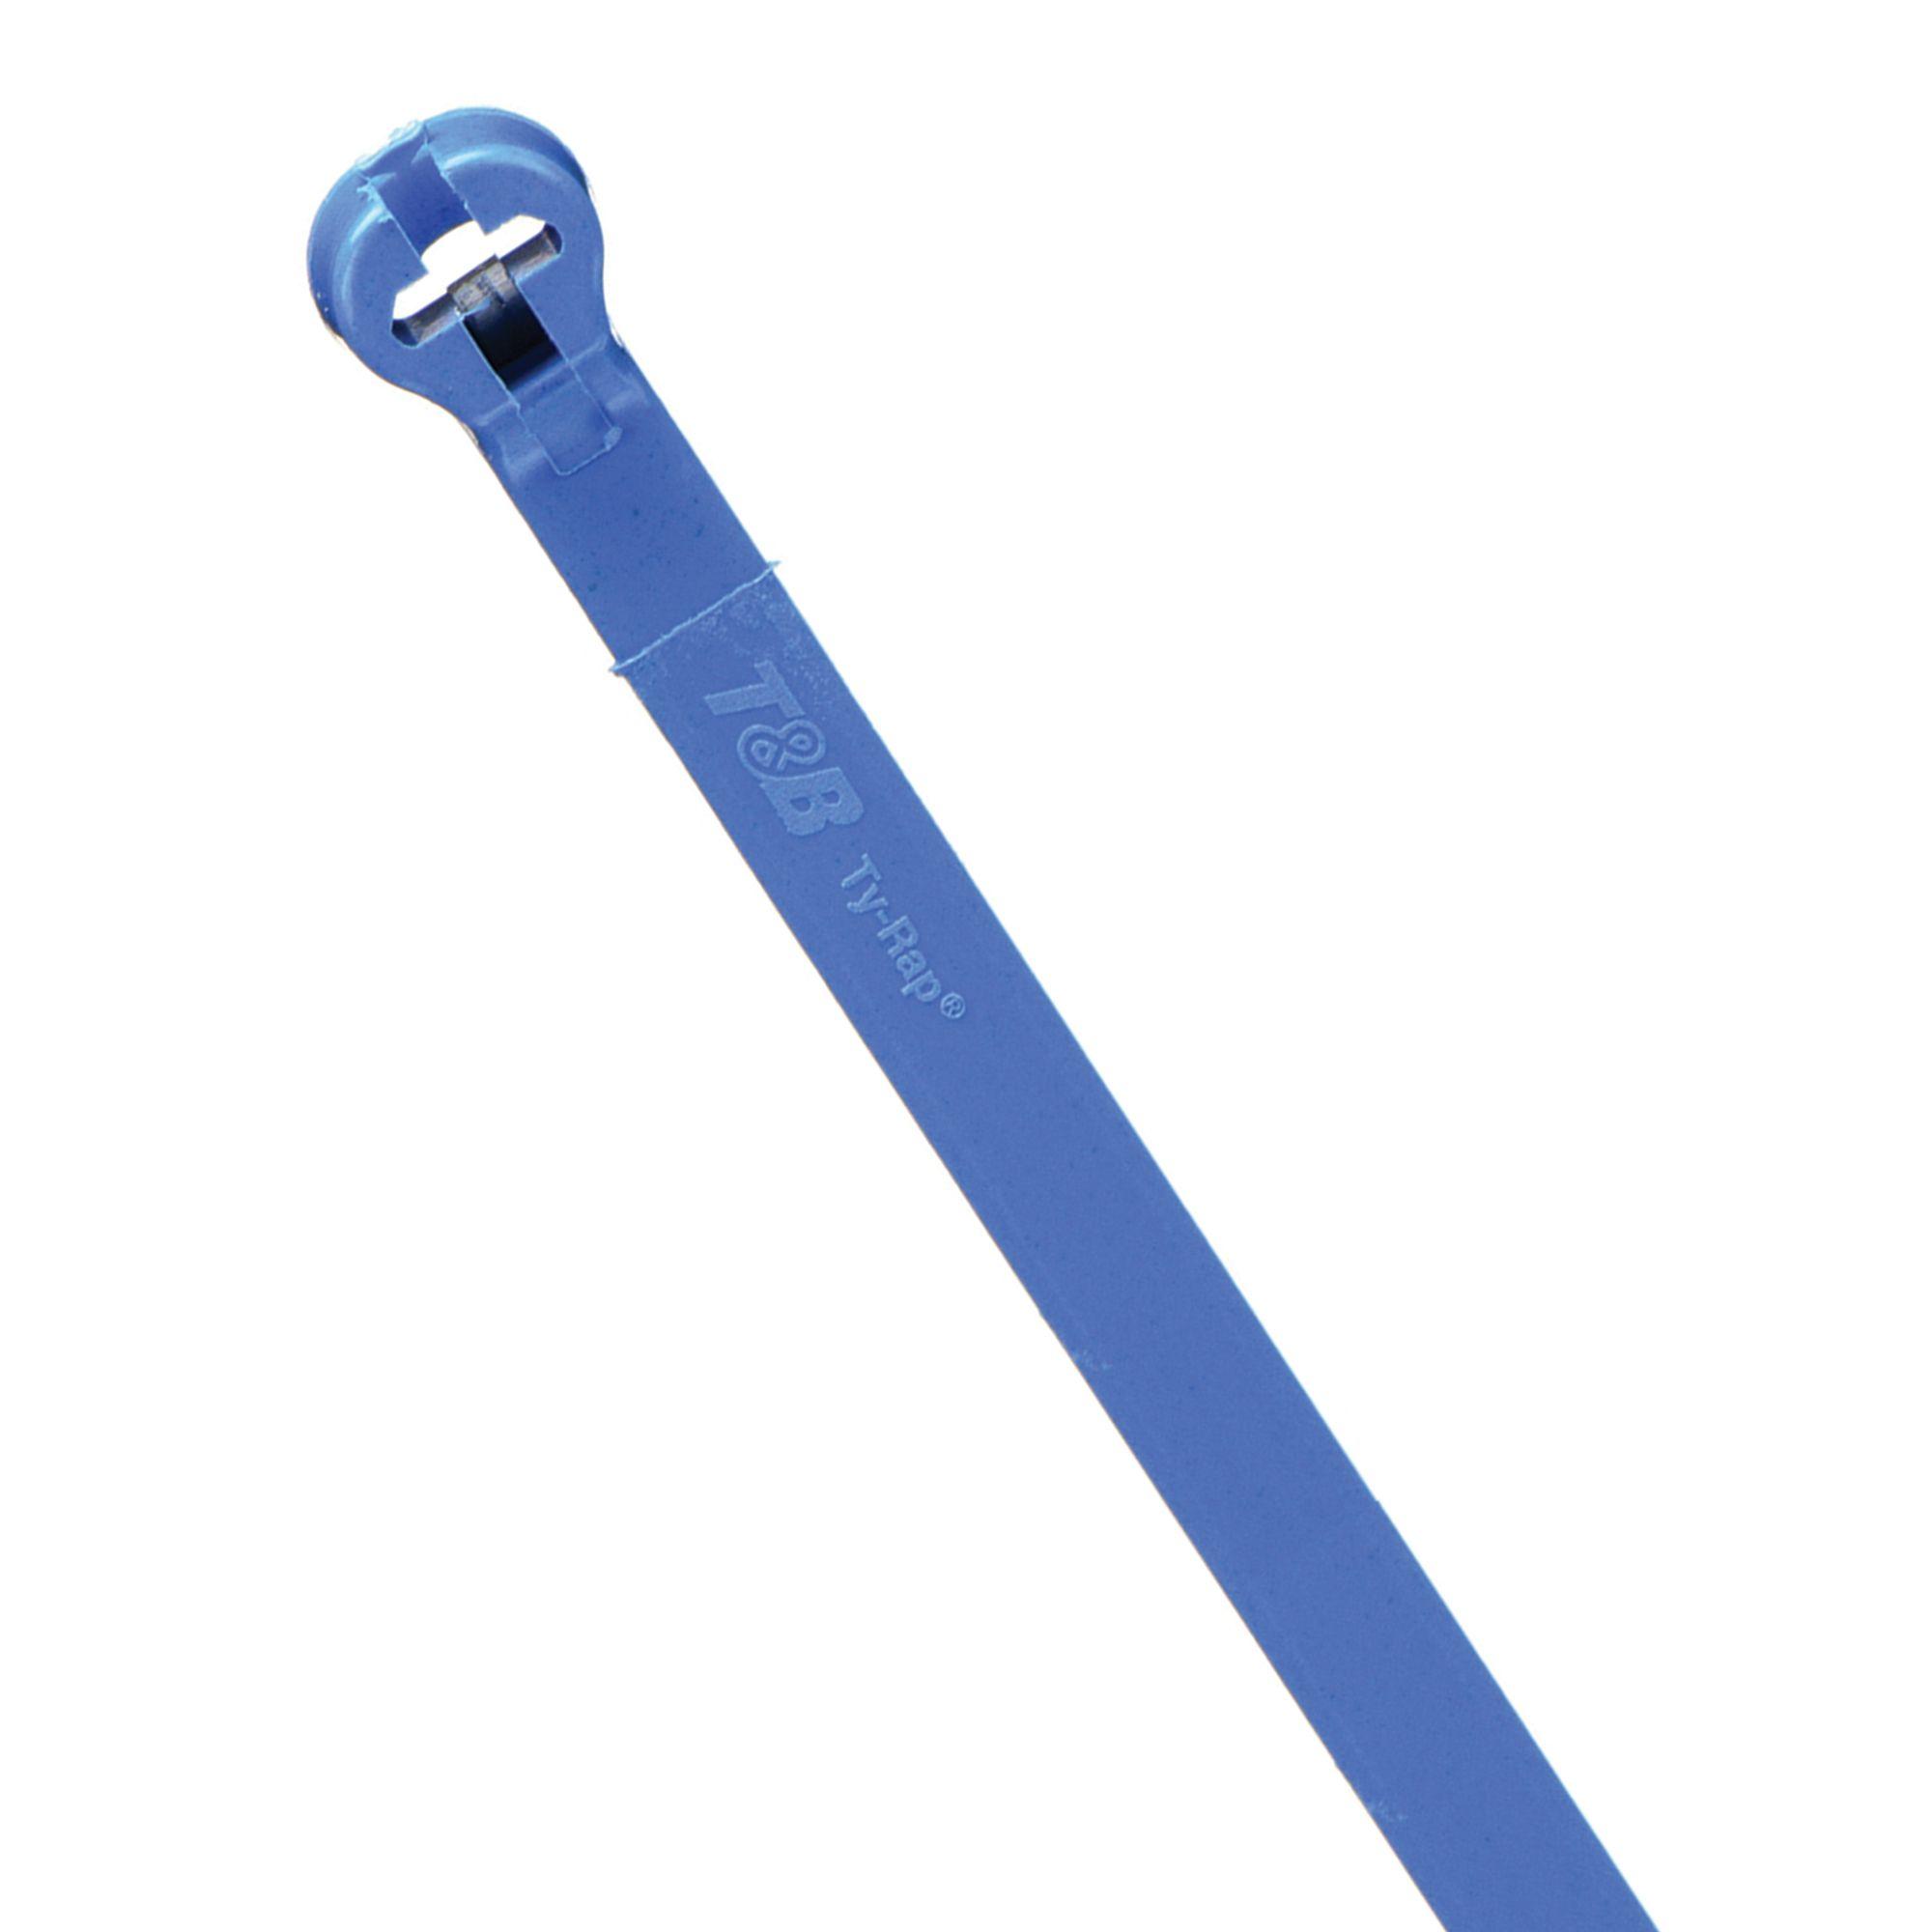 100/pcs en noir 3x200MM blanc Westeng Plastique Attaches de c/âble en nylon Zip Tie Wraps Ultra Forte r/ésistance /à la traction 3/x 200/mm